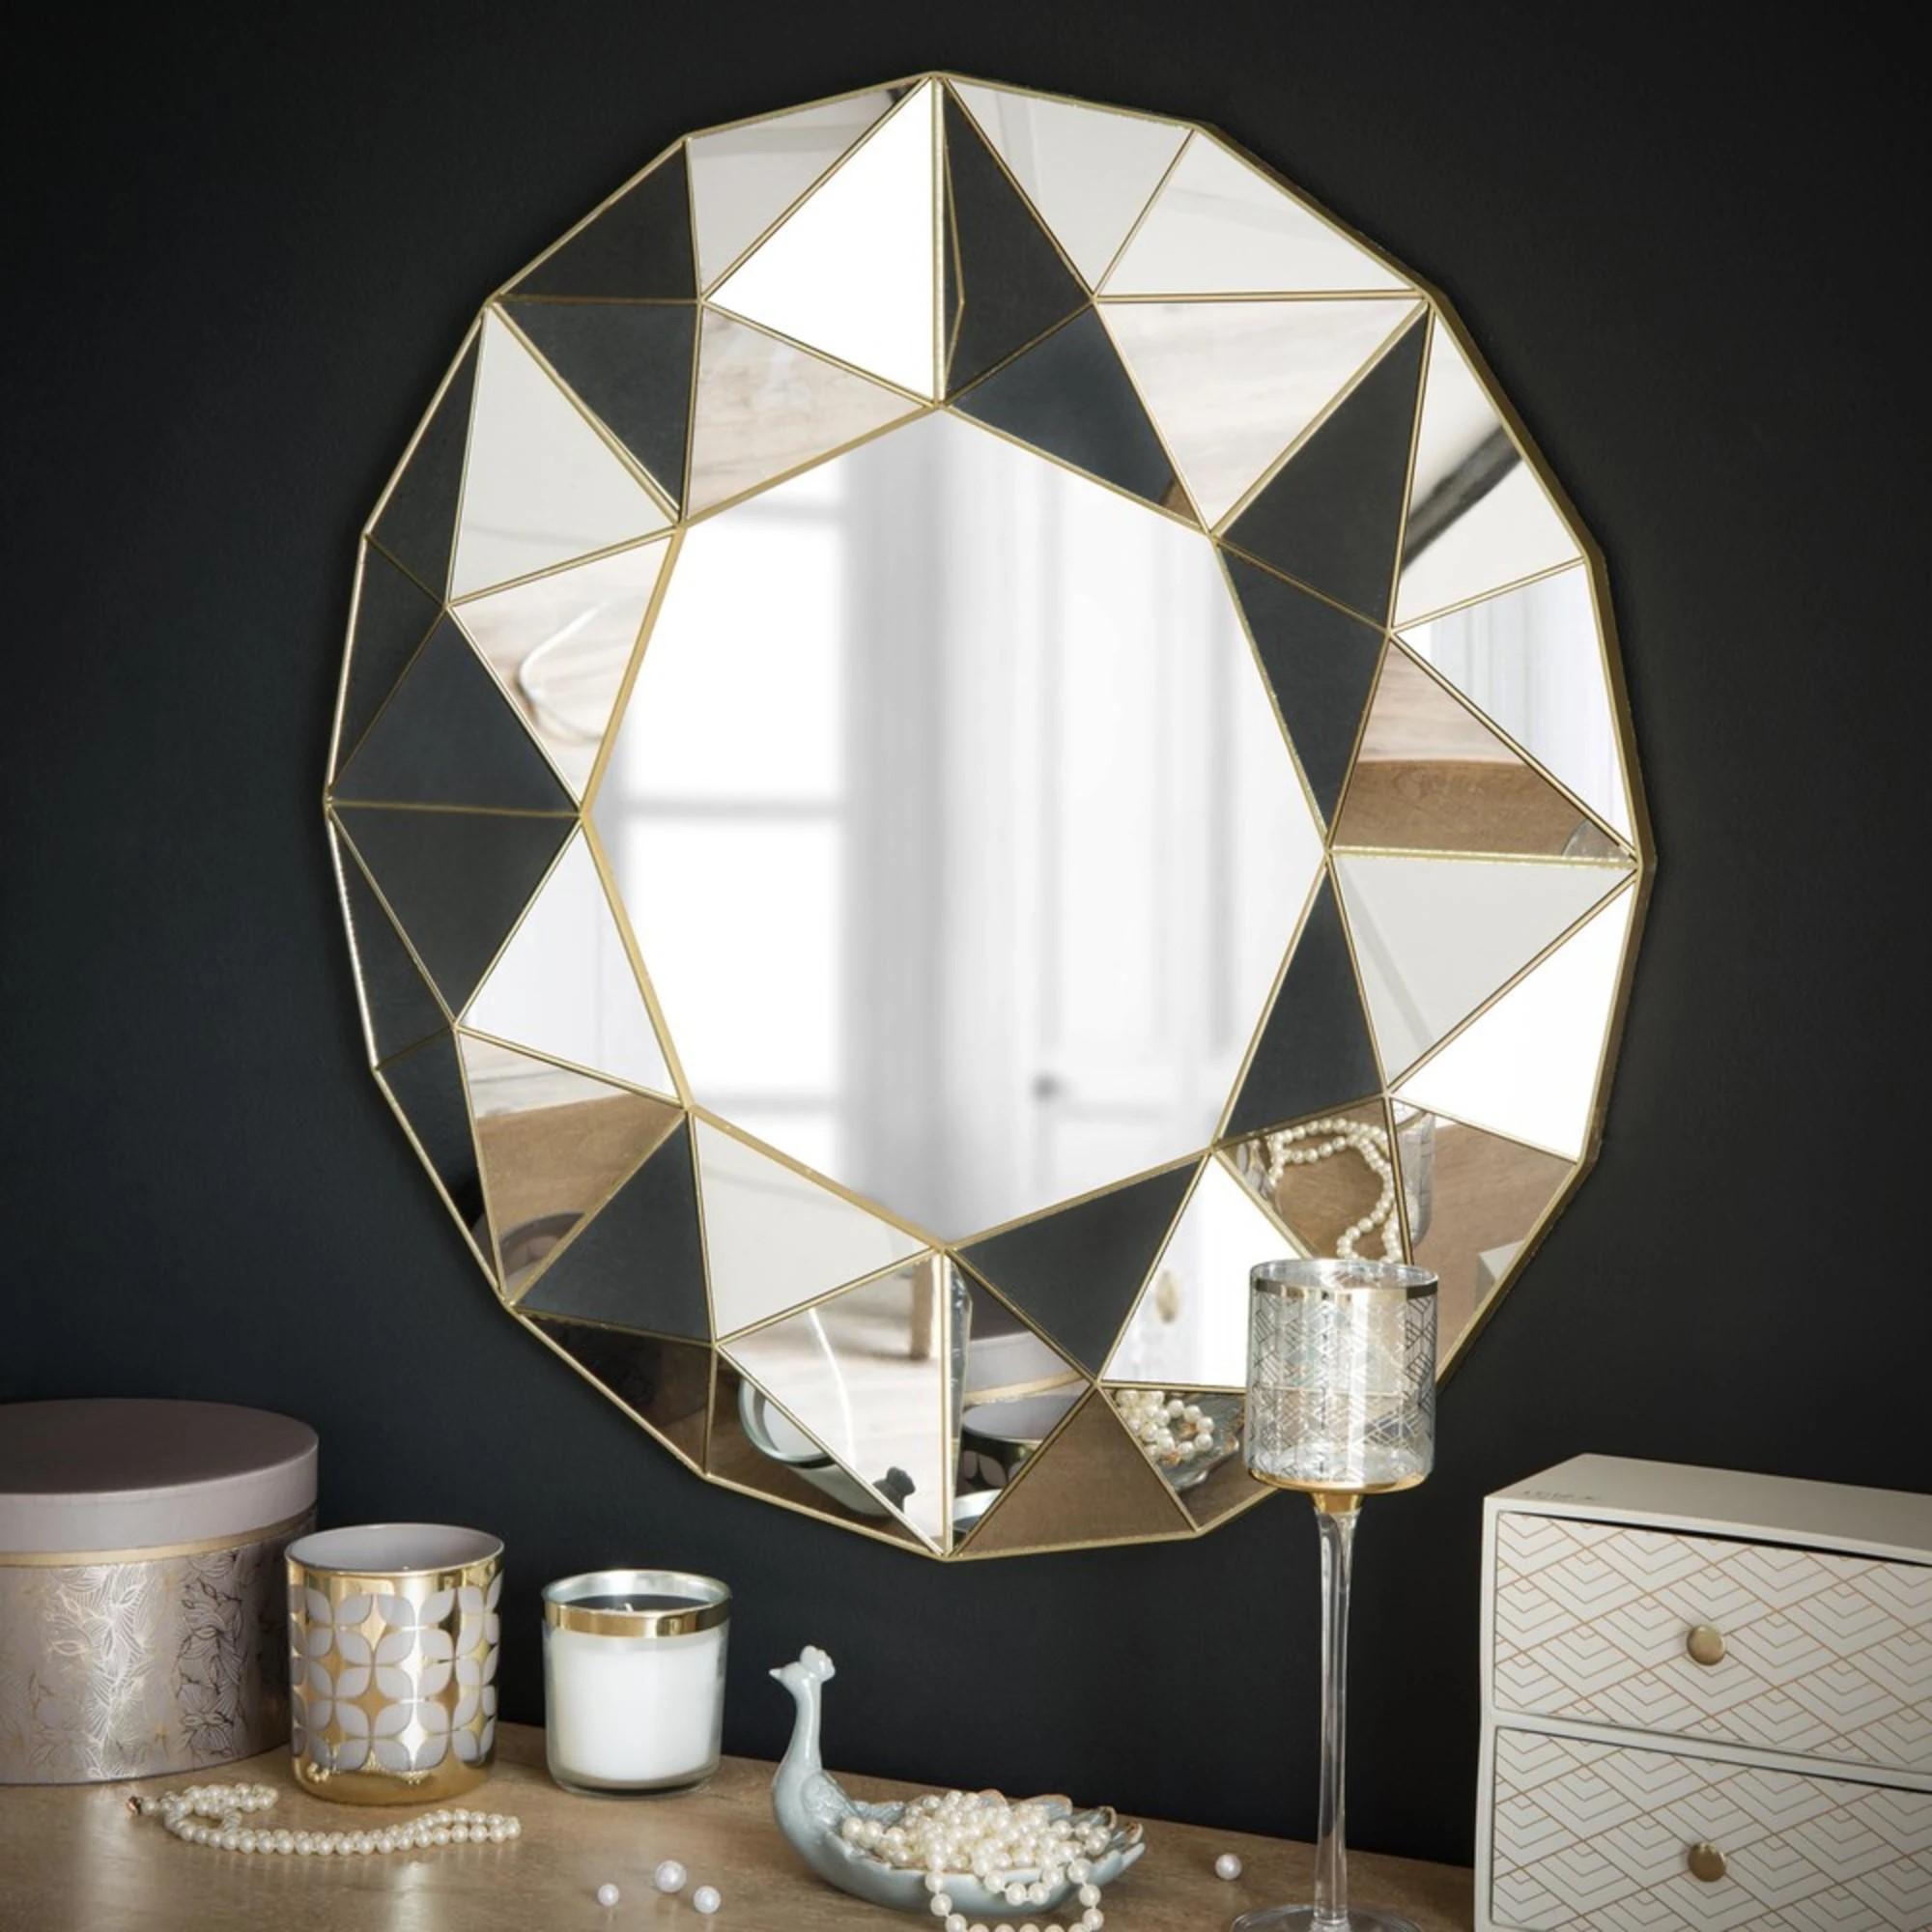 Déco murale Maison du Monde - idée de miroir